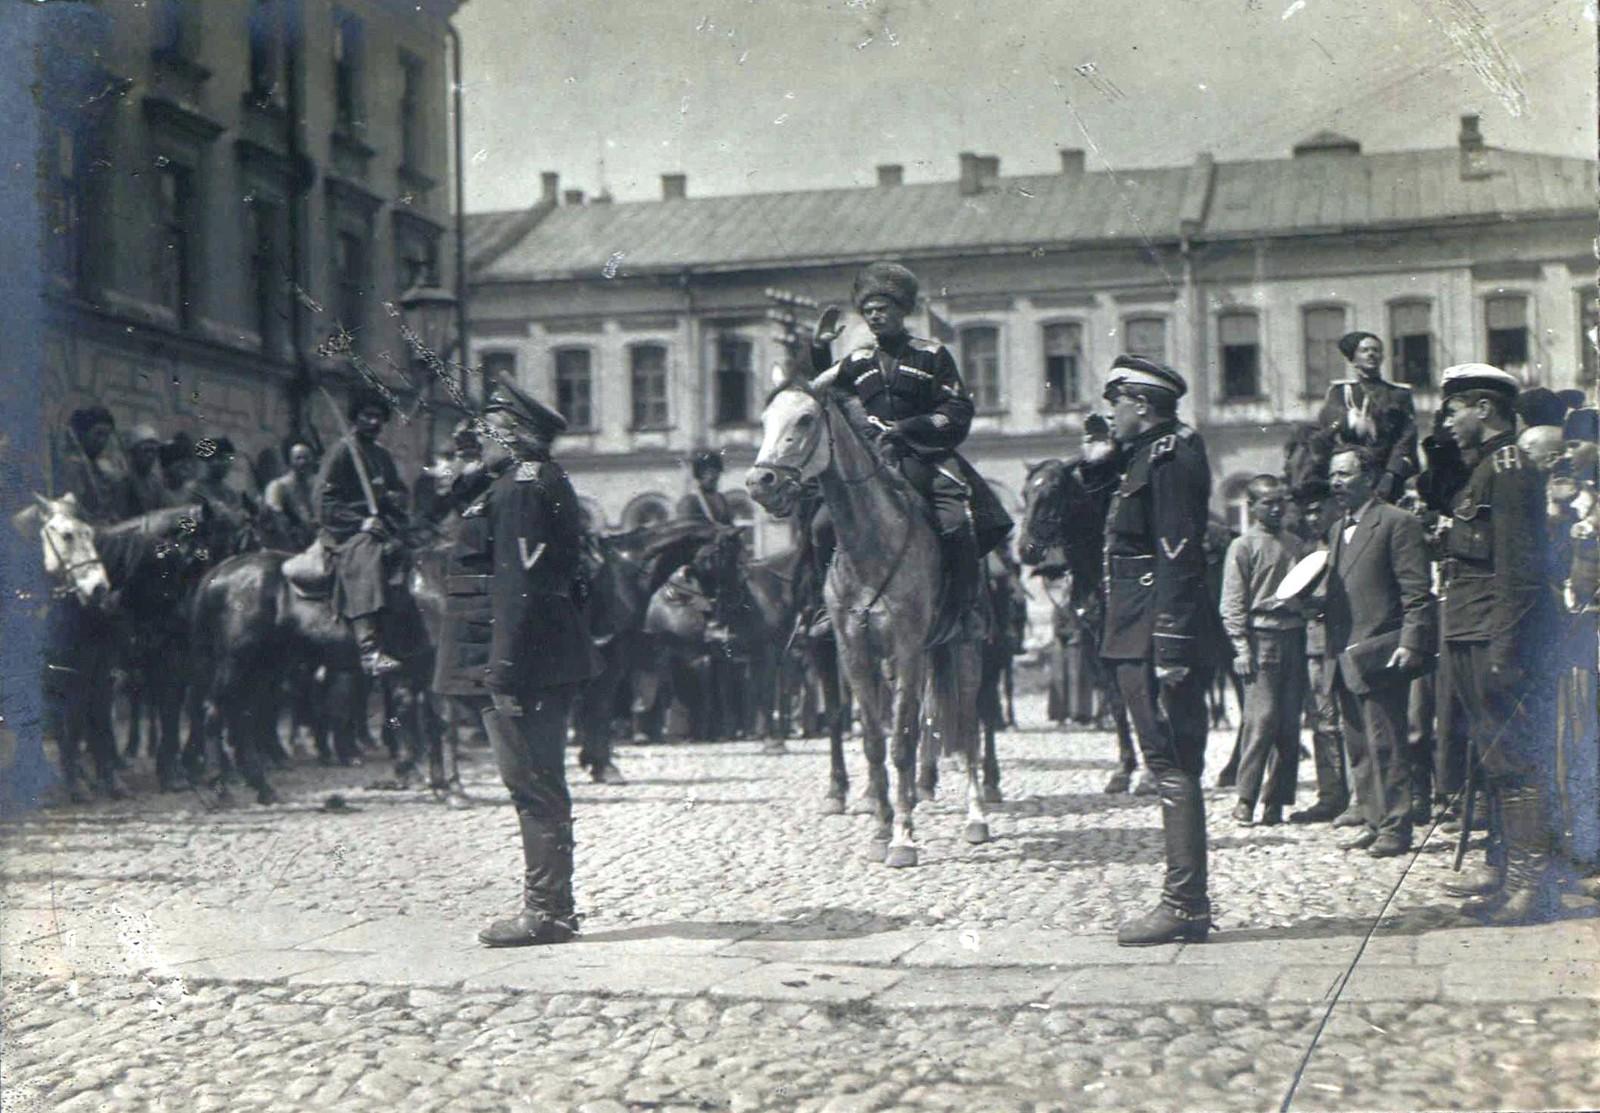 154. 1919. Чествование генерала Кутепова в Харькове